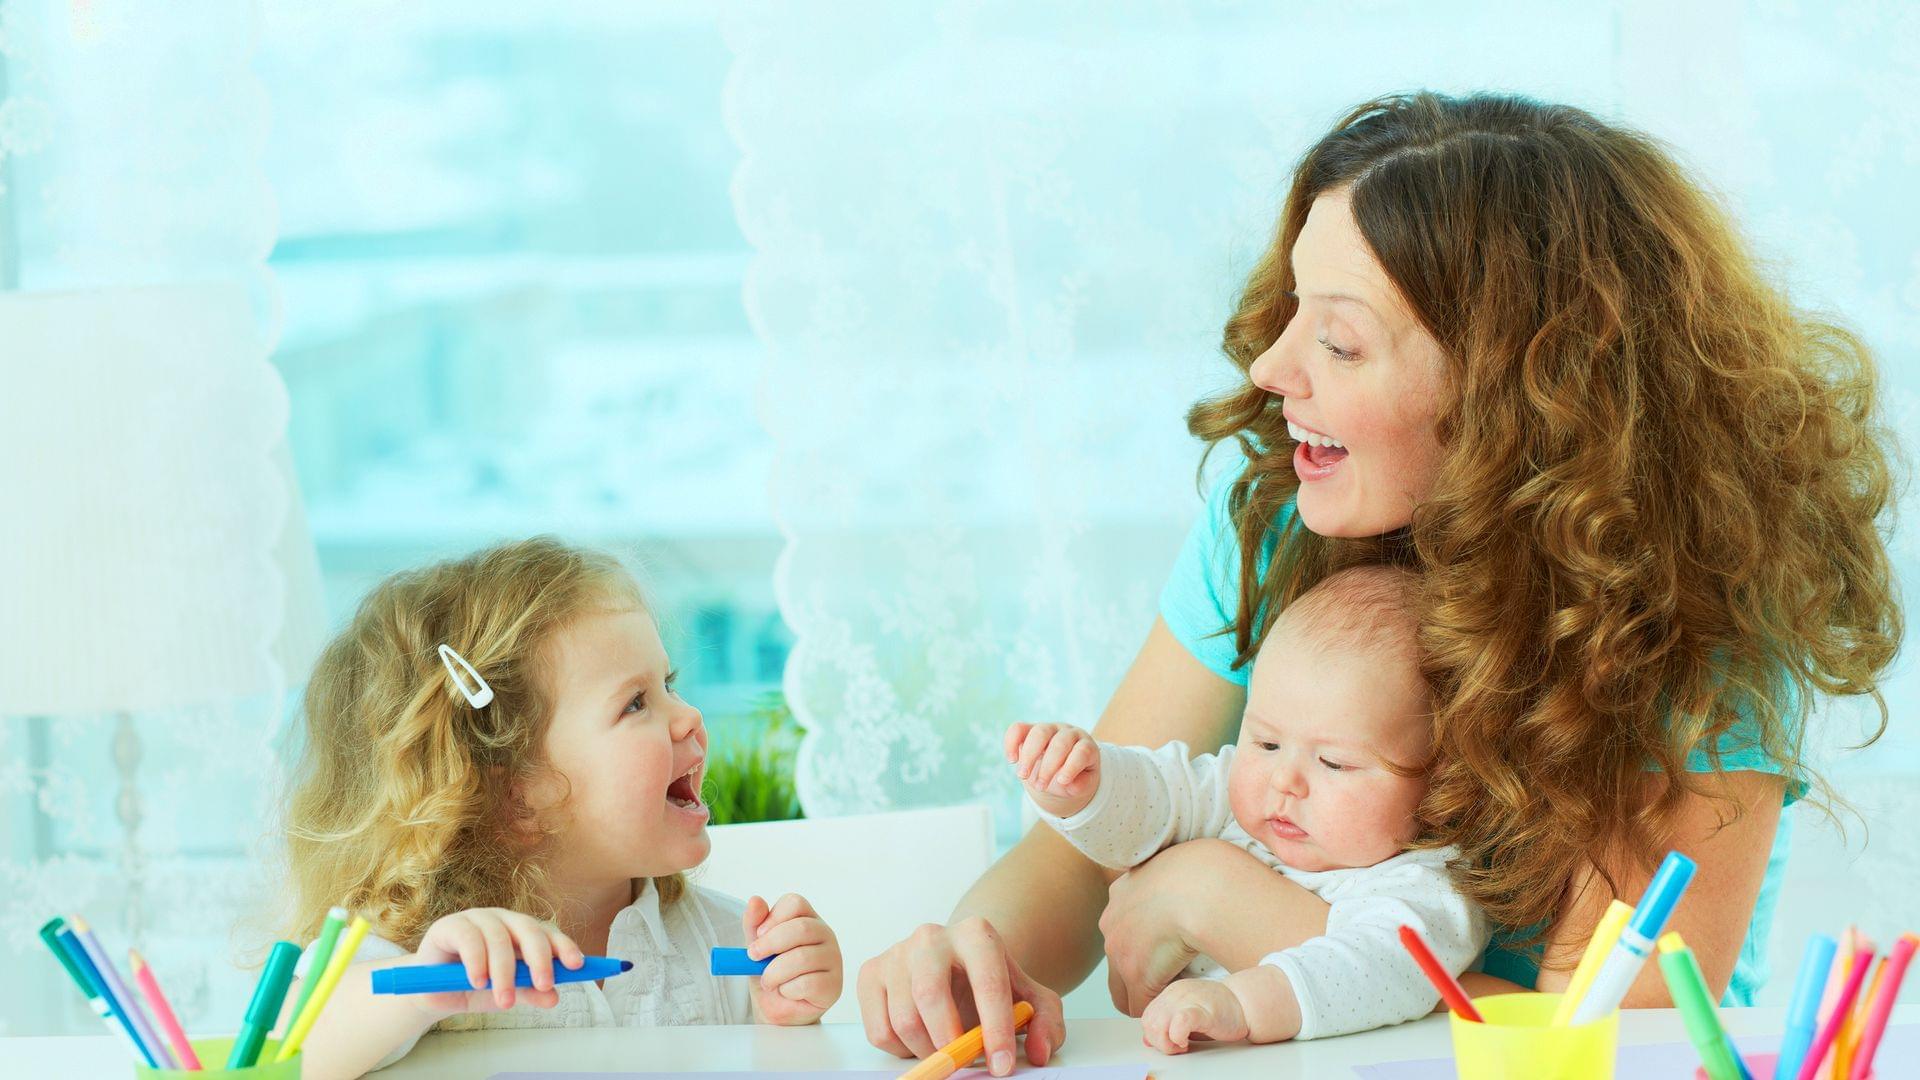 Opiekunka do dziecka Sochaczew - Najlepsze w 2020